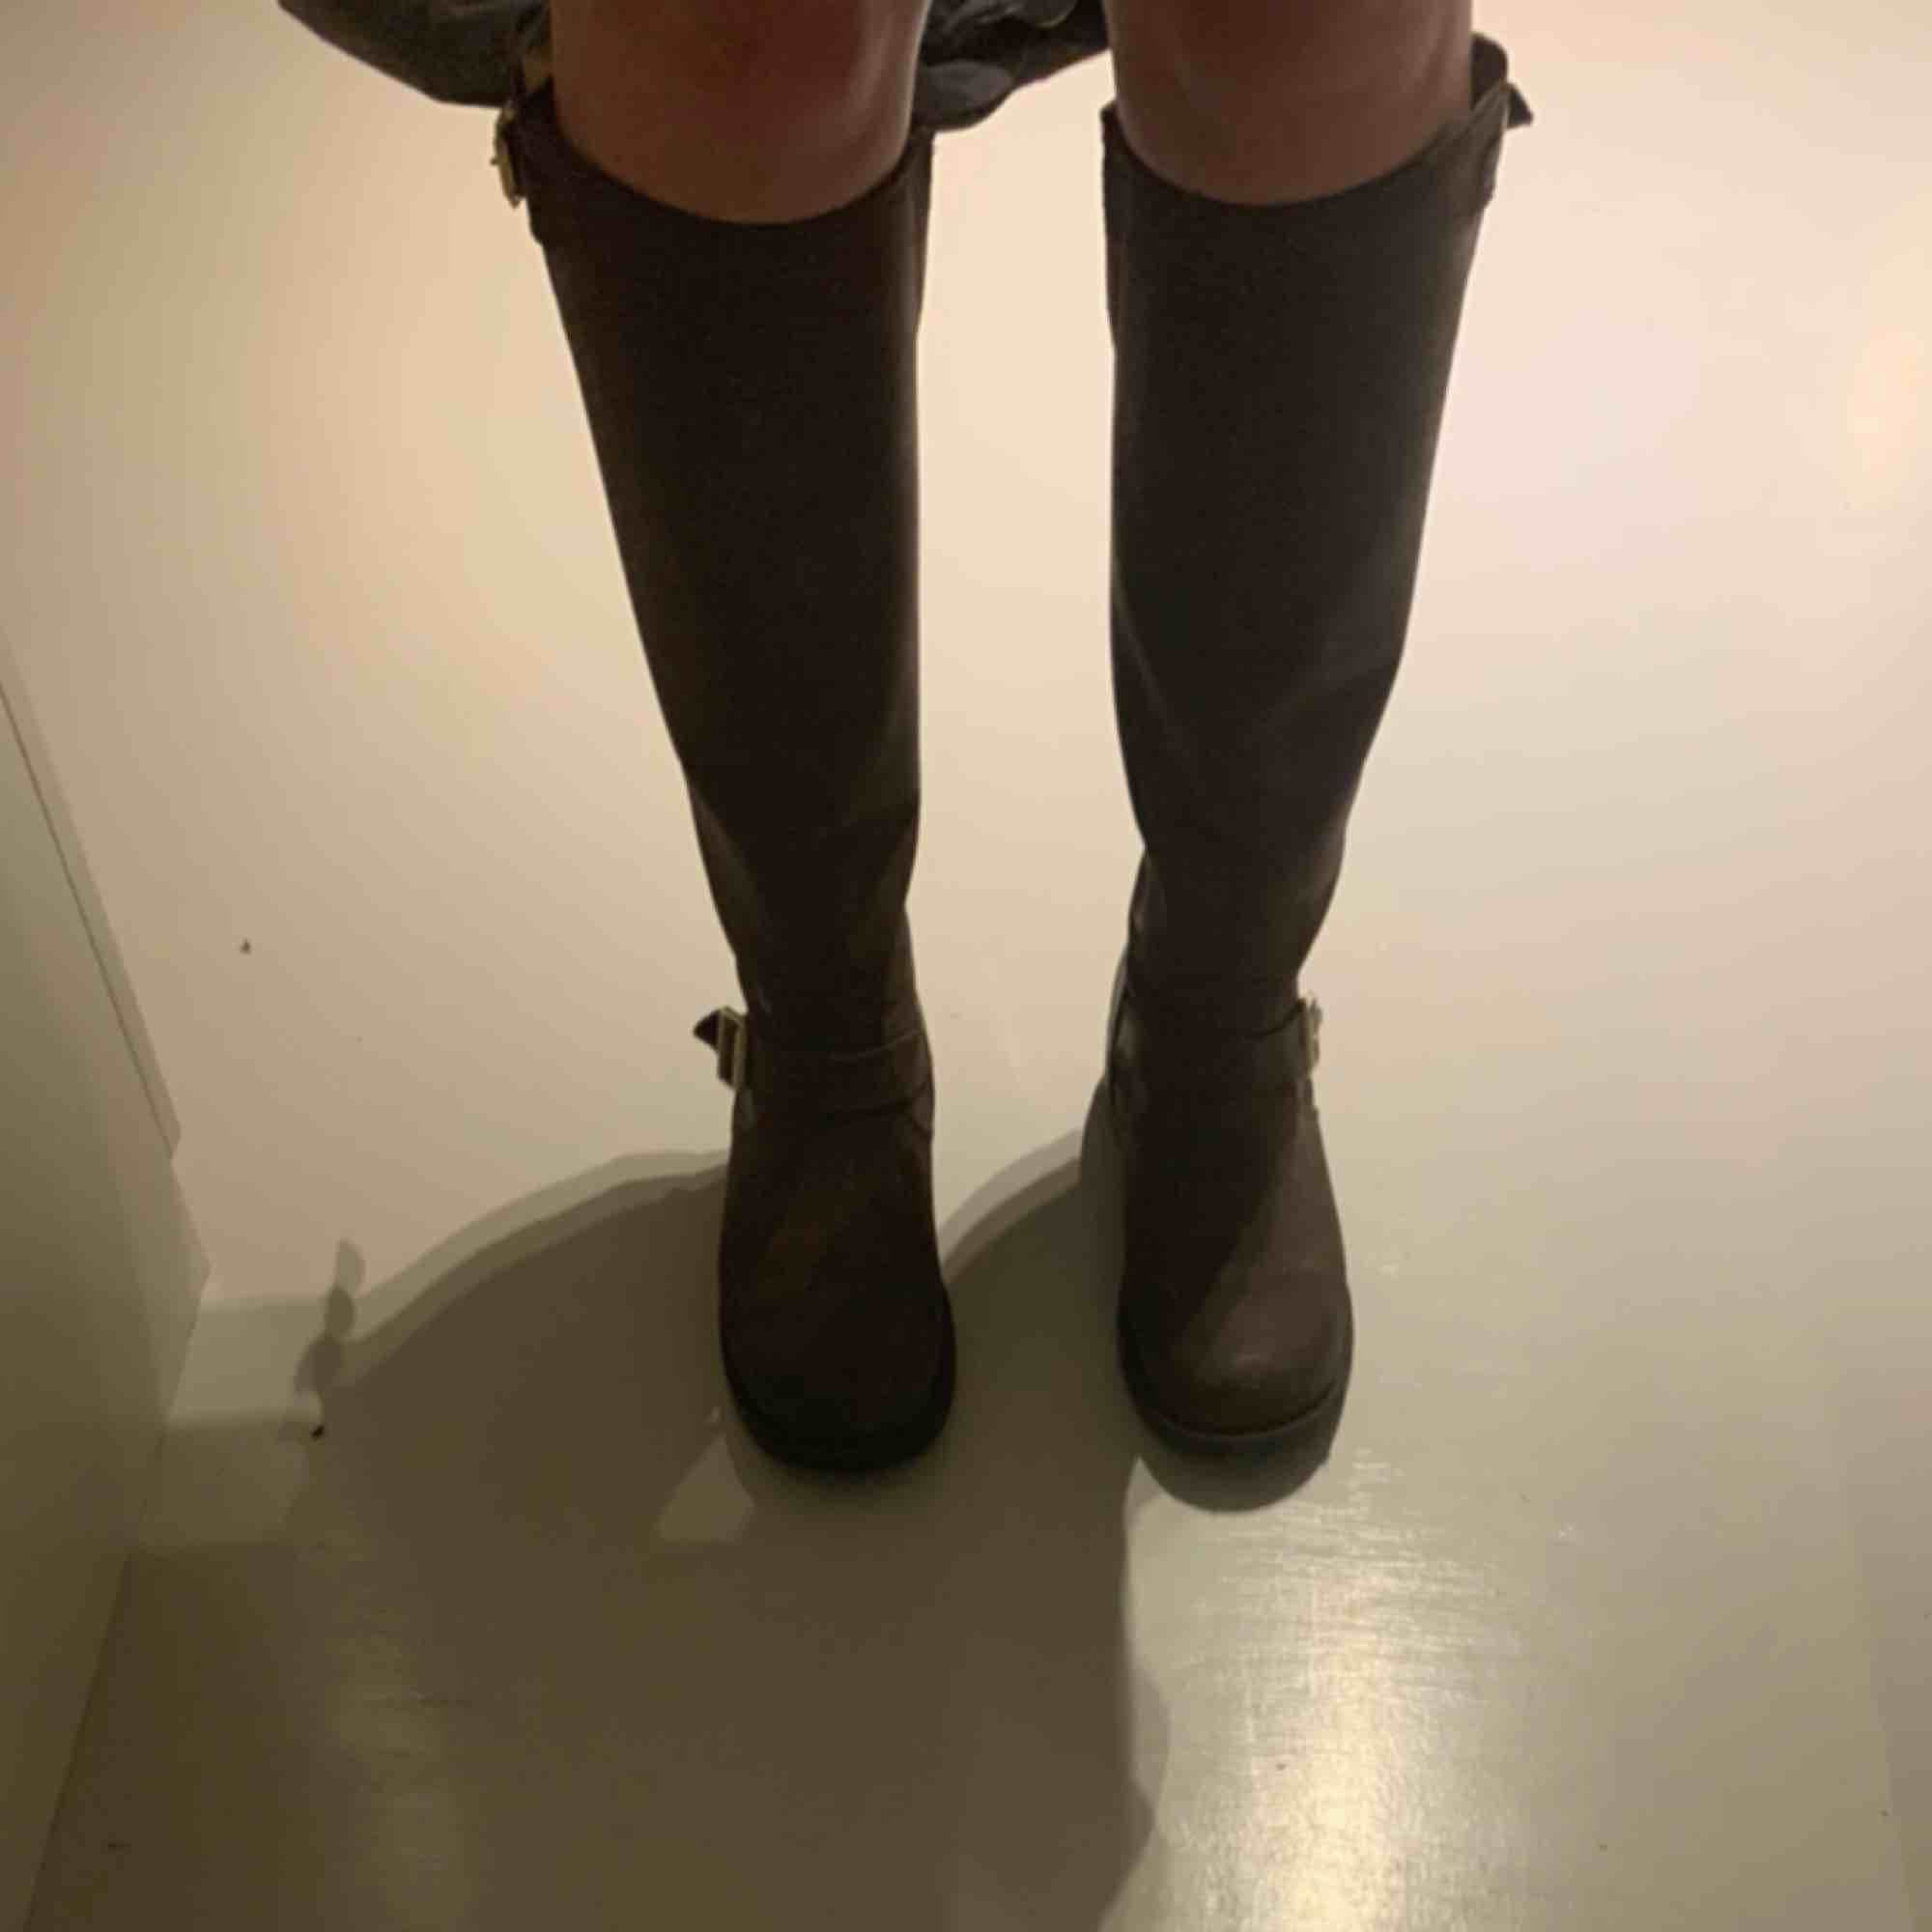 De PERFEKTA bootsen till hösten! De är otroligt sköna och passar till det mesta. Perfekt nu när cowboy boots börjar bli trendigt då de har en sån vibe :) Nypris: 1900 De är i fint skick, men välanvända därav det låga priset . Skor.